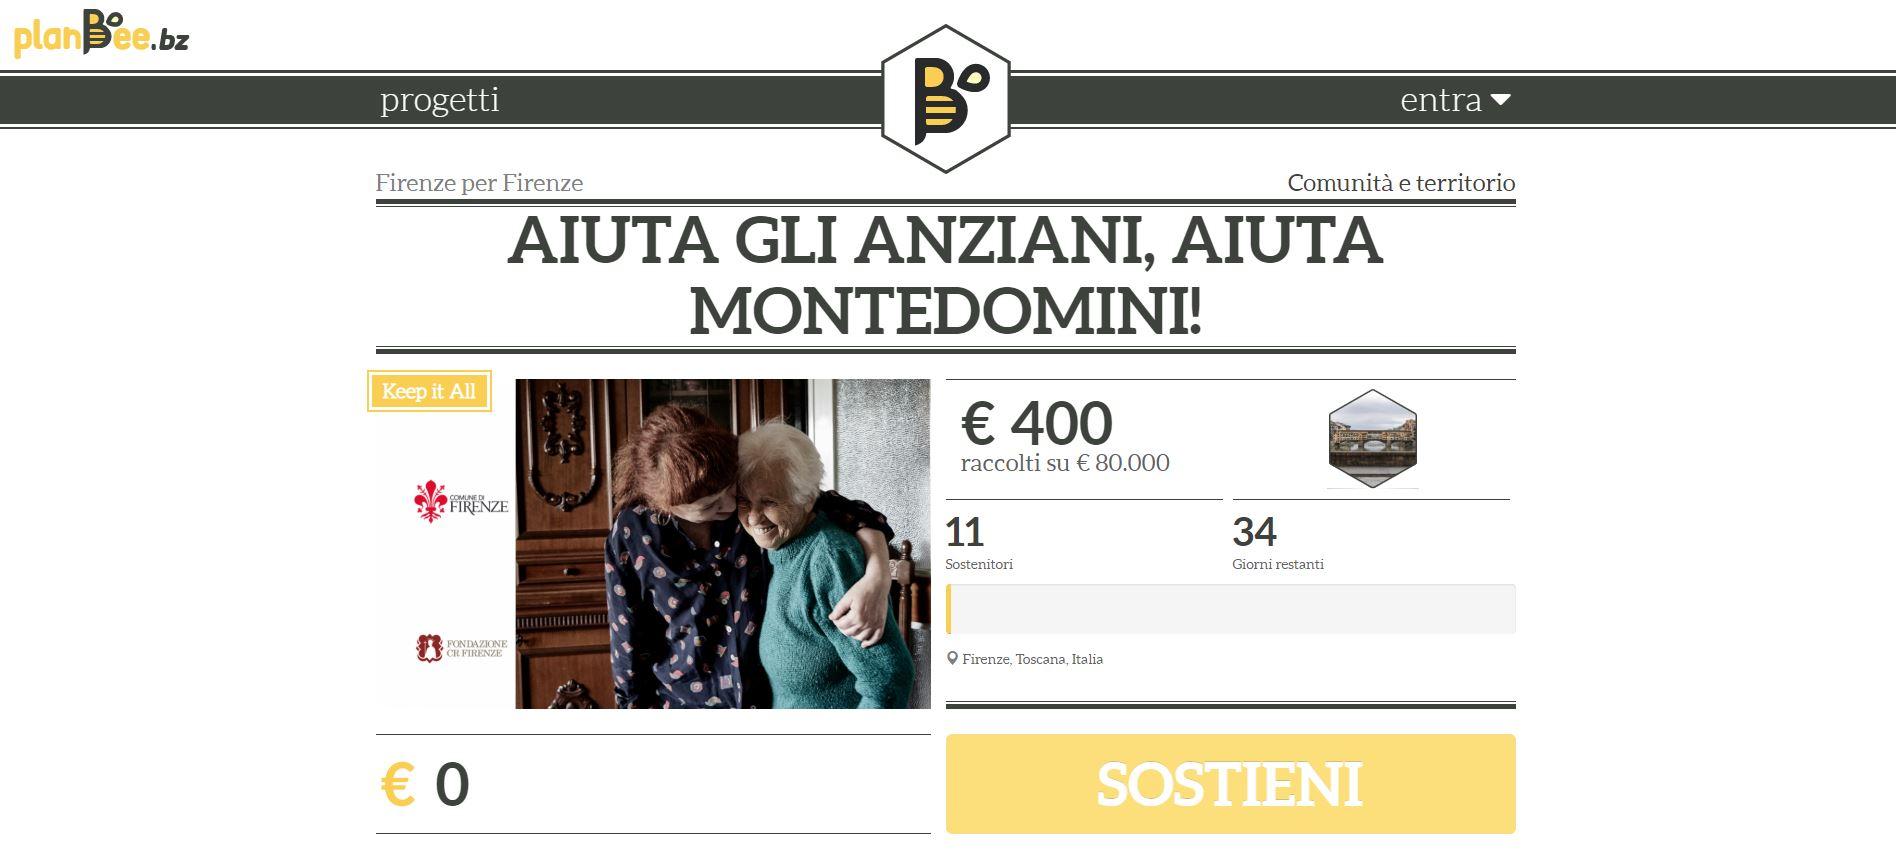 Aiuta gli anziani, aiuta Montedomini.JPG